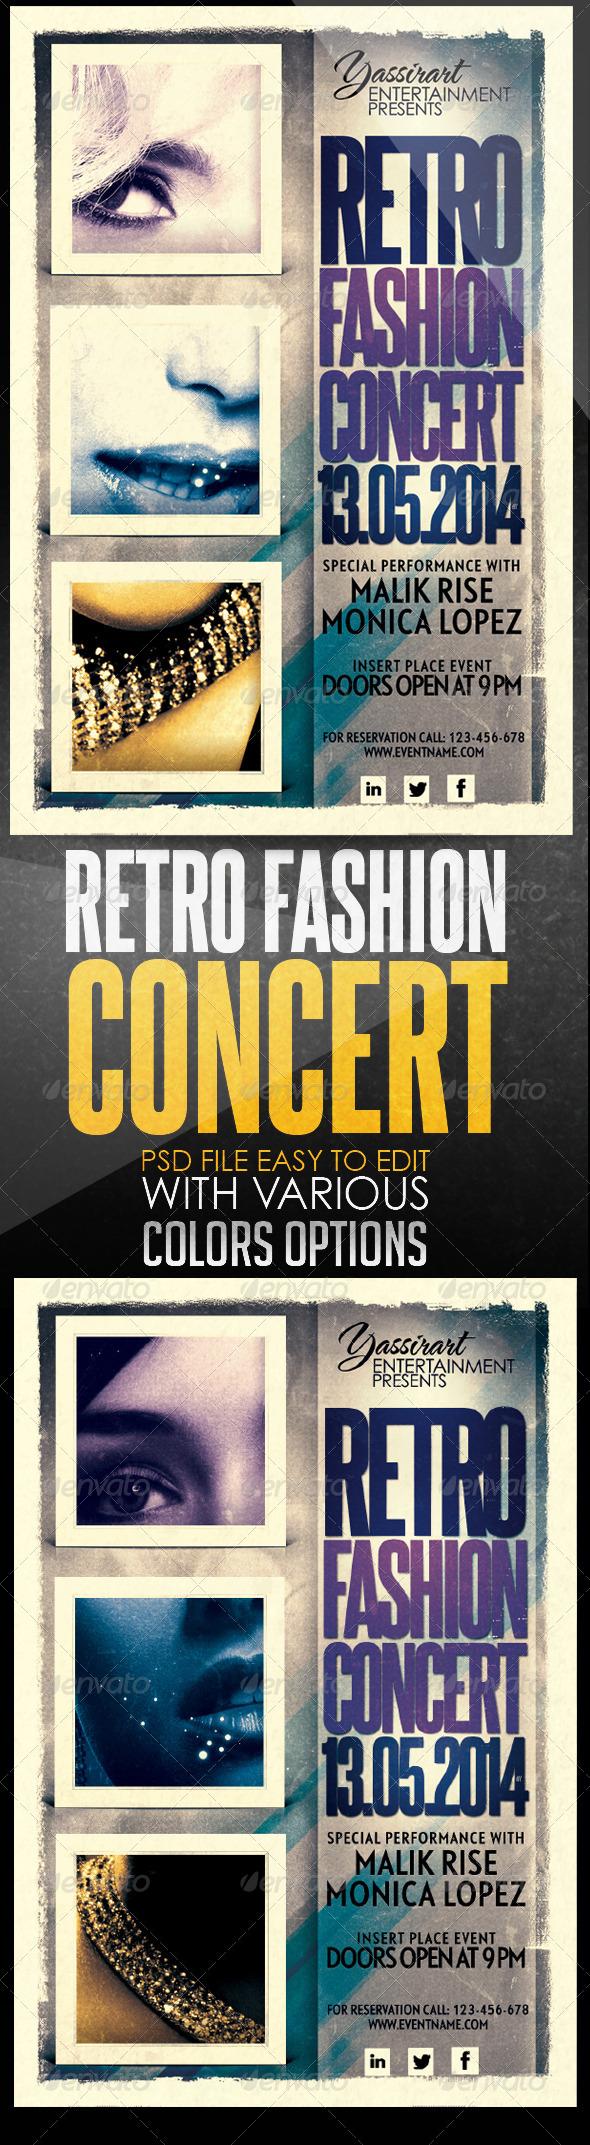 GraphicRiver Retro Fashion Concert Flyer Template 6555645